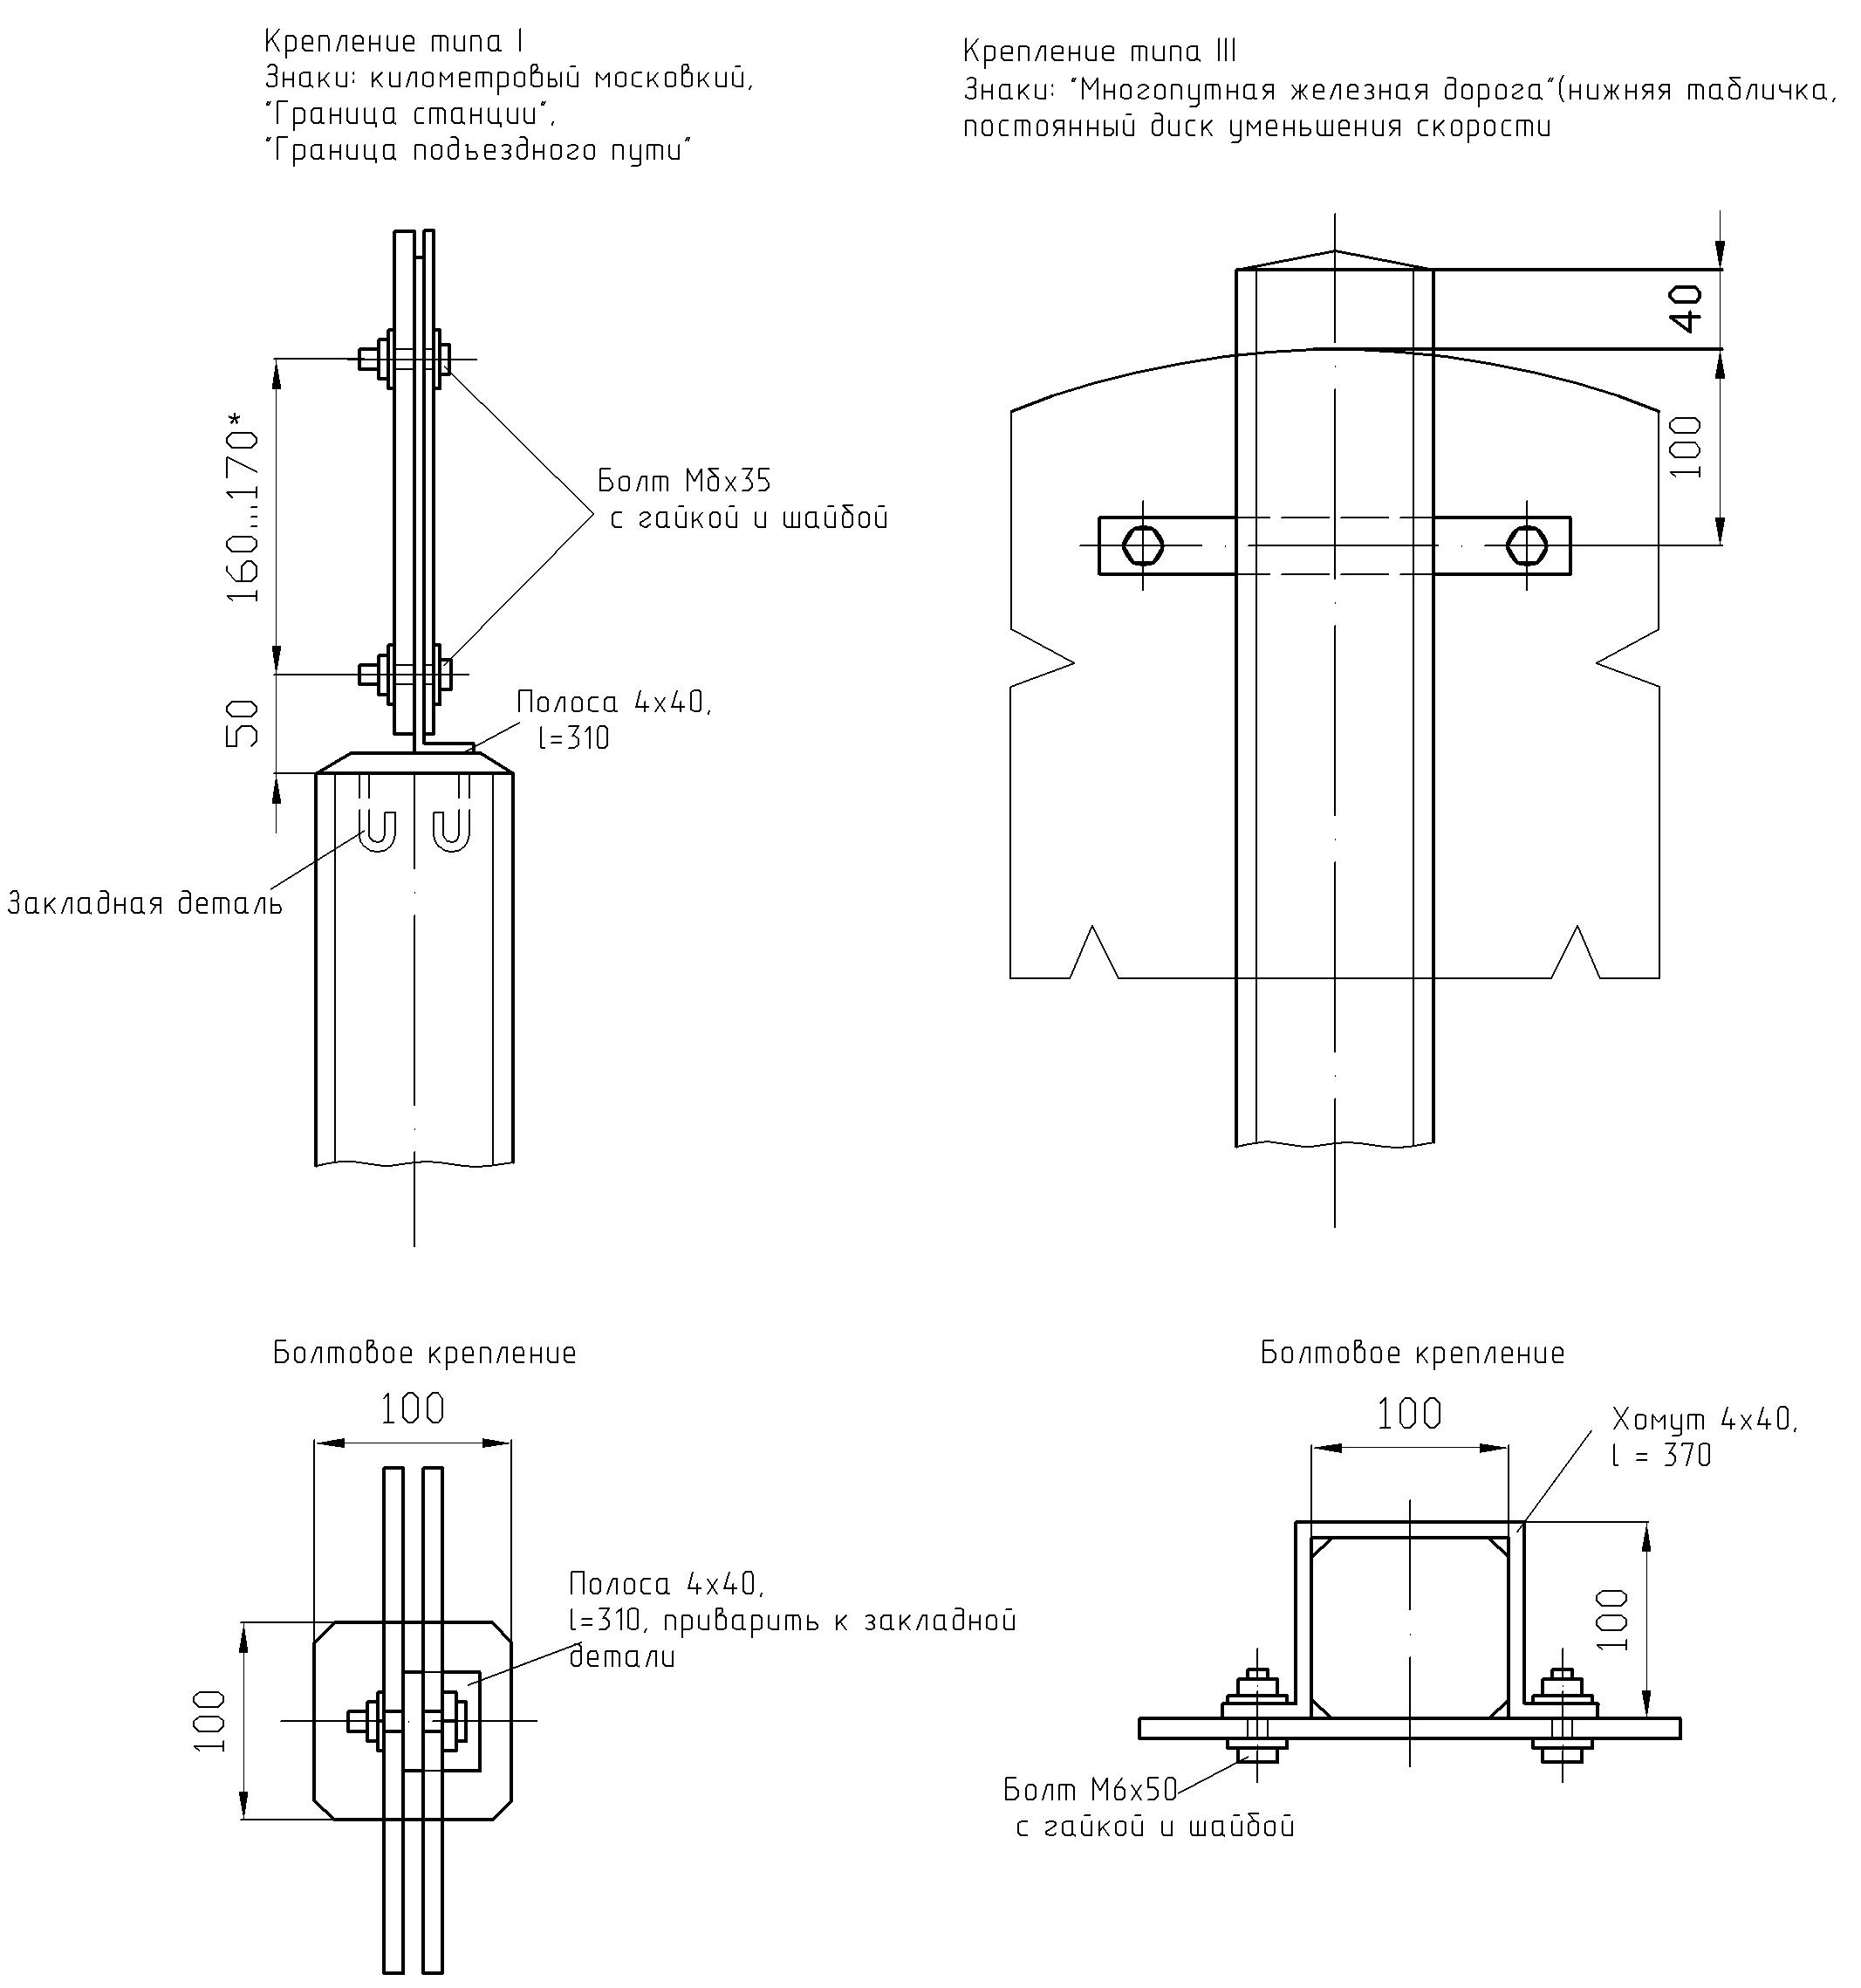 Рисунок 67. Детали крепления путевых и сигнальных знаков на столбах